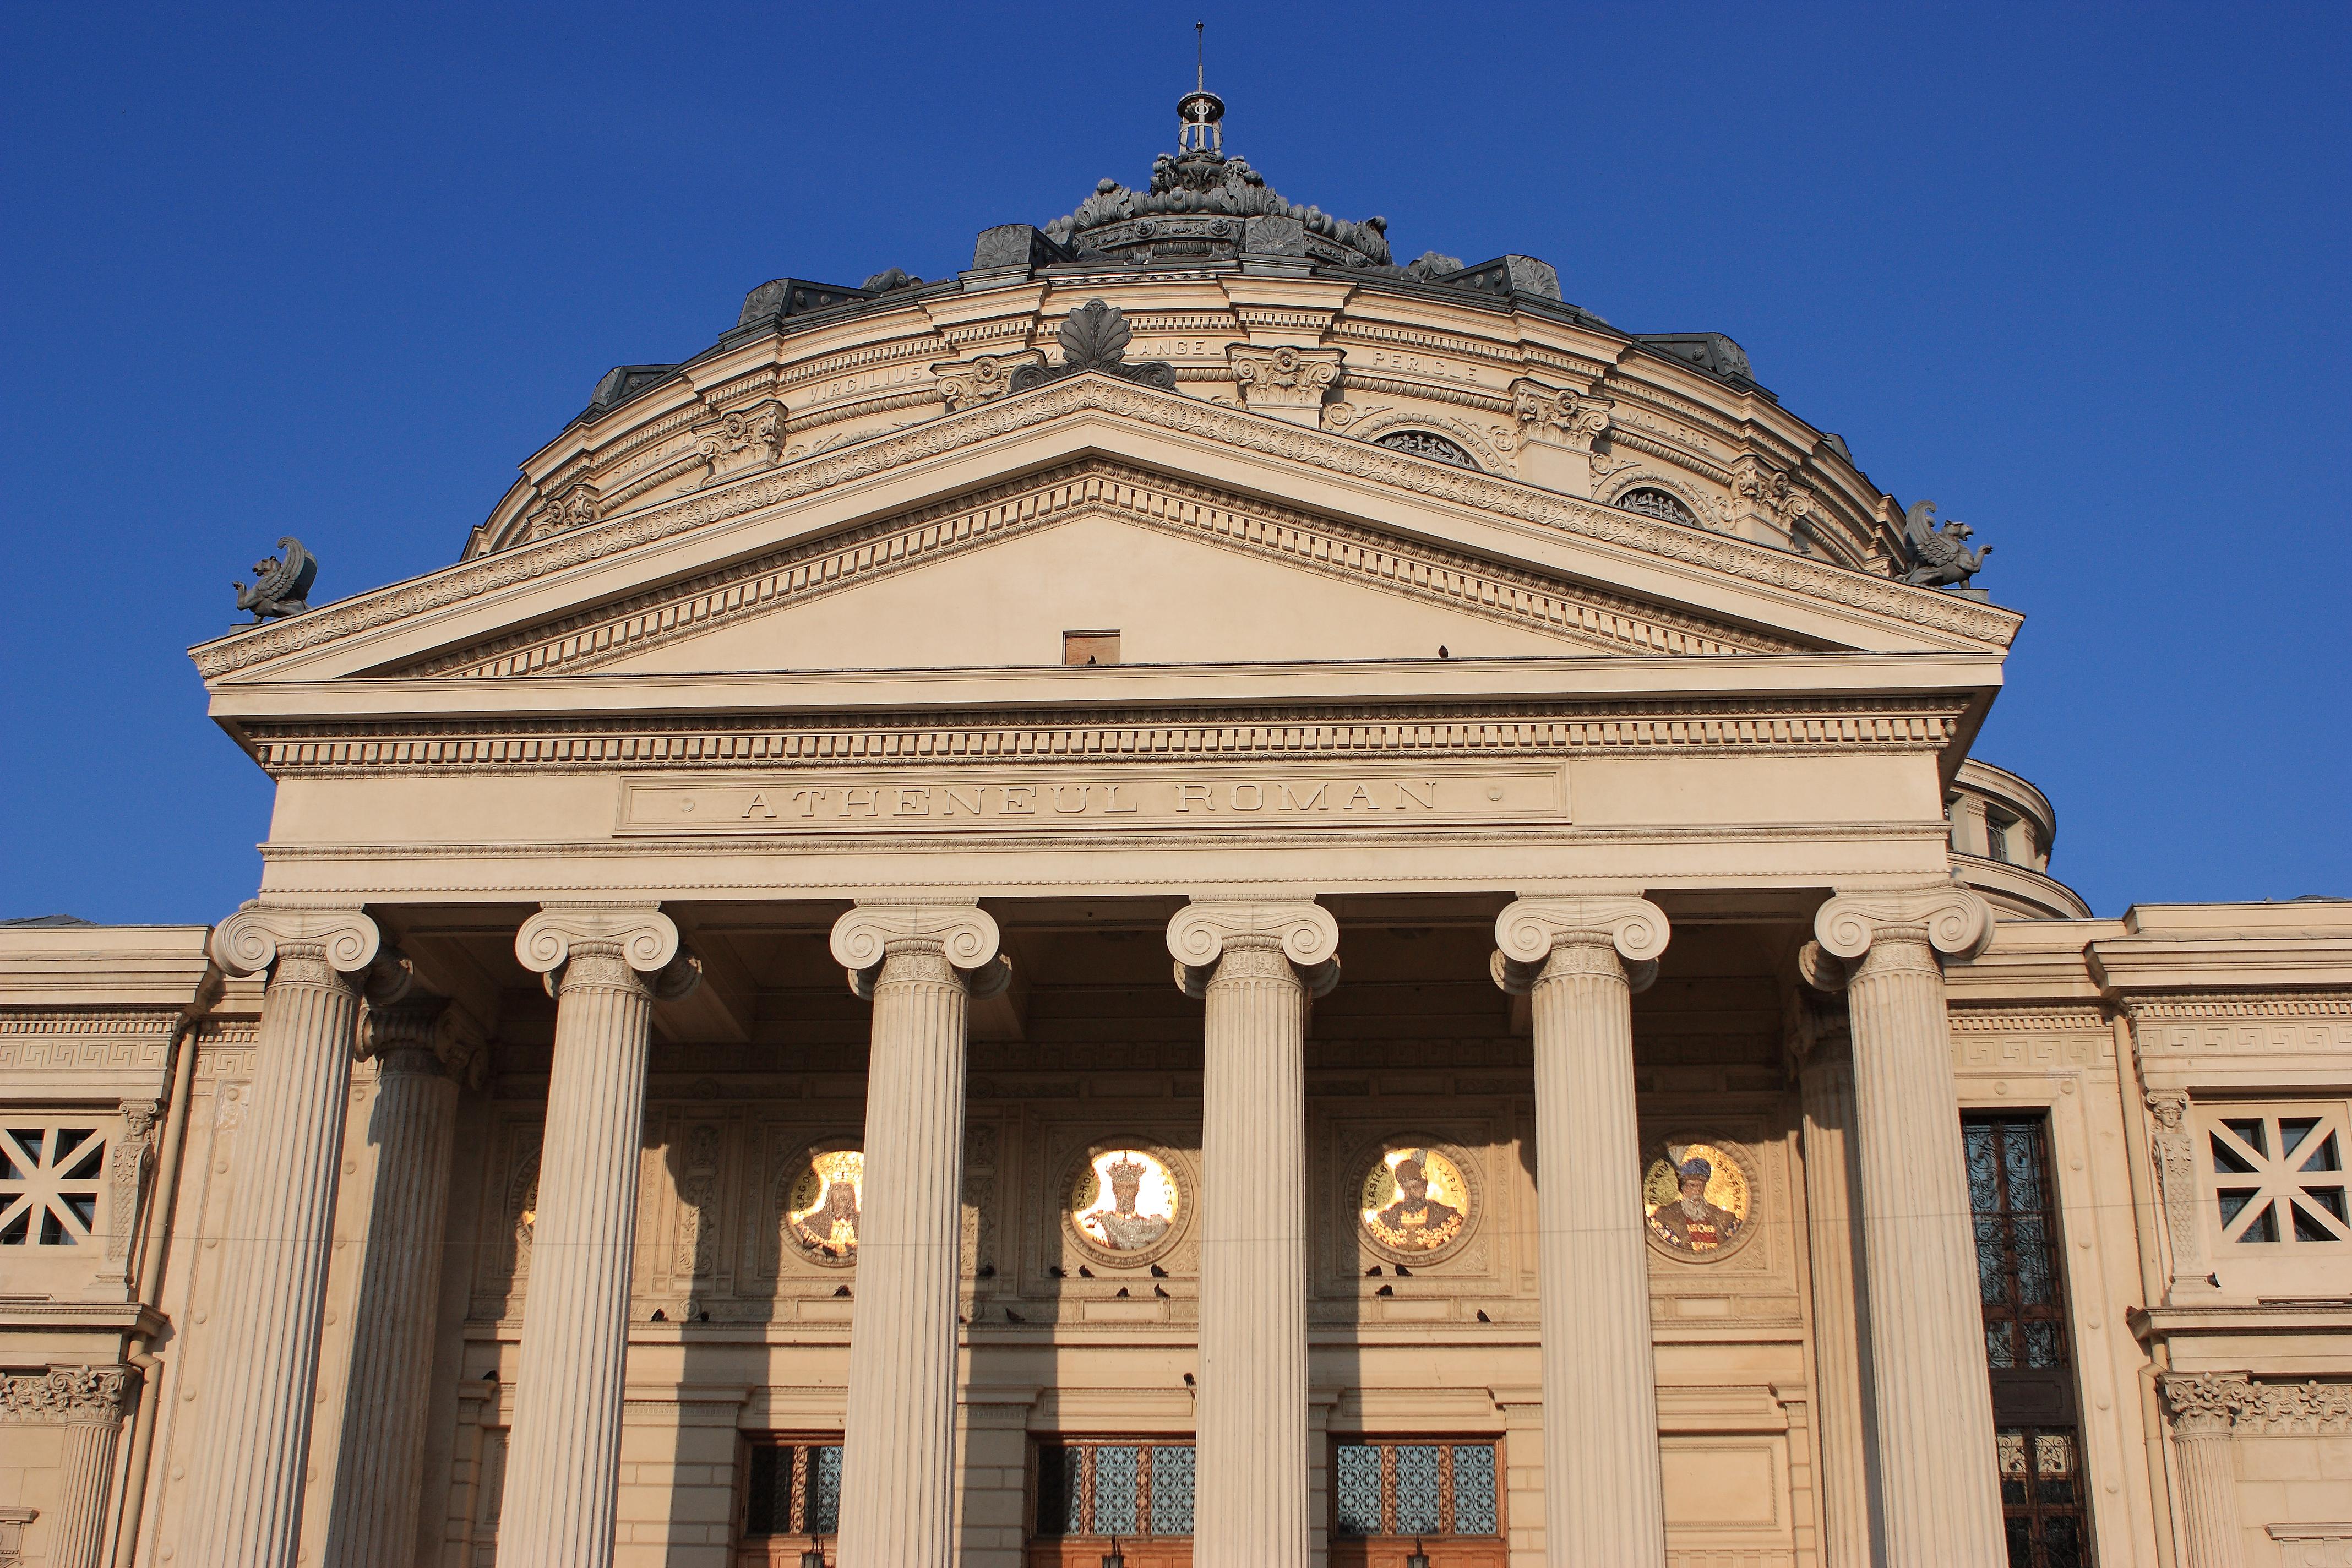 El Ateneo Rumano, reflejo del pasado esplendoroso de Bucarest - Rumanía Circuito Rumanía, Bulgaria y Mar Negro